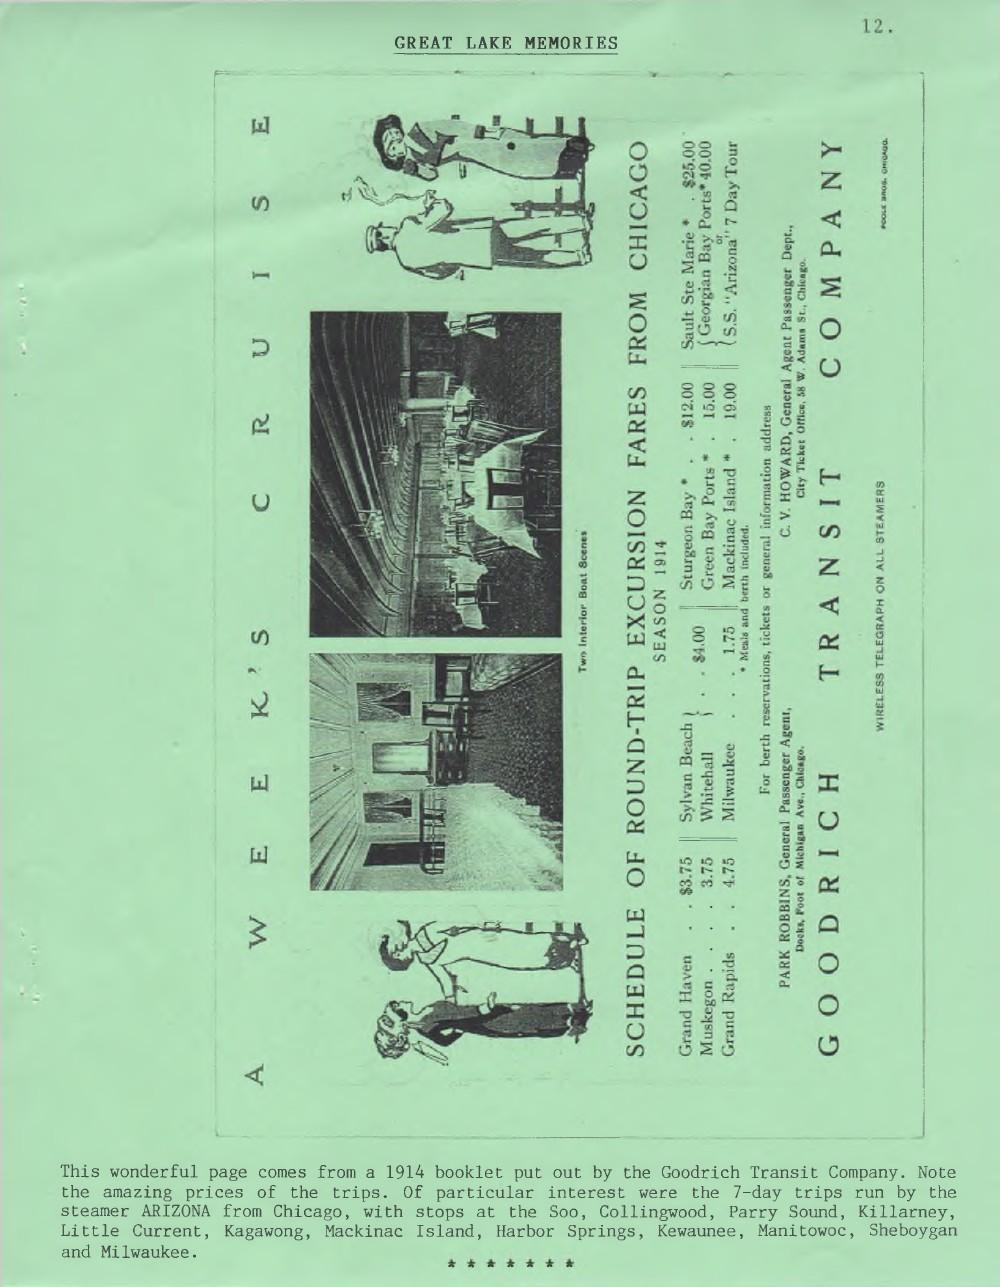 Scanner, v. 40, no. 8 (Summer 2008)